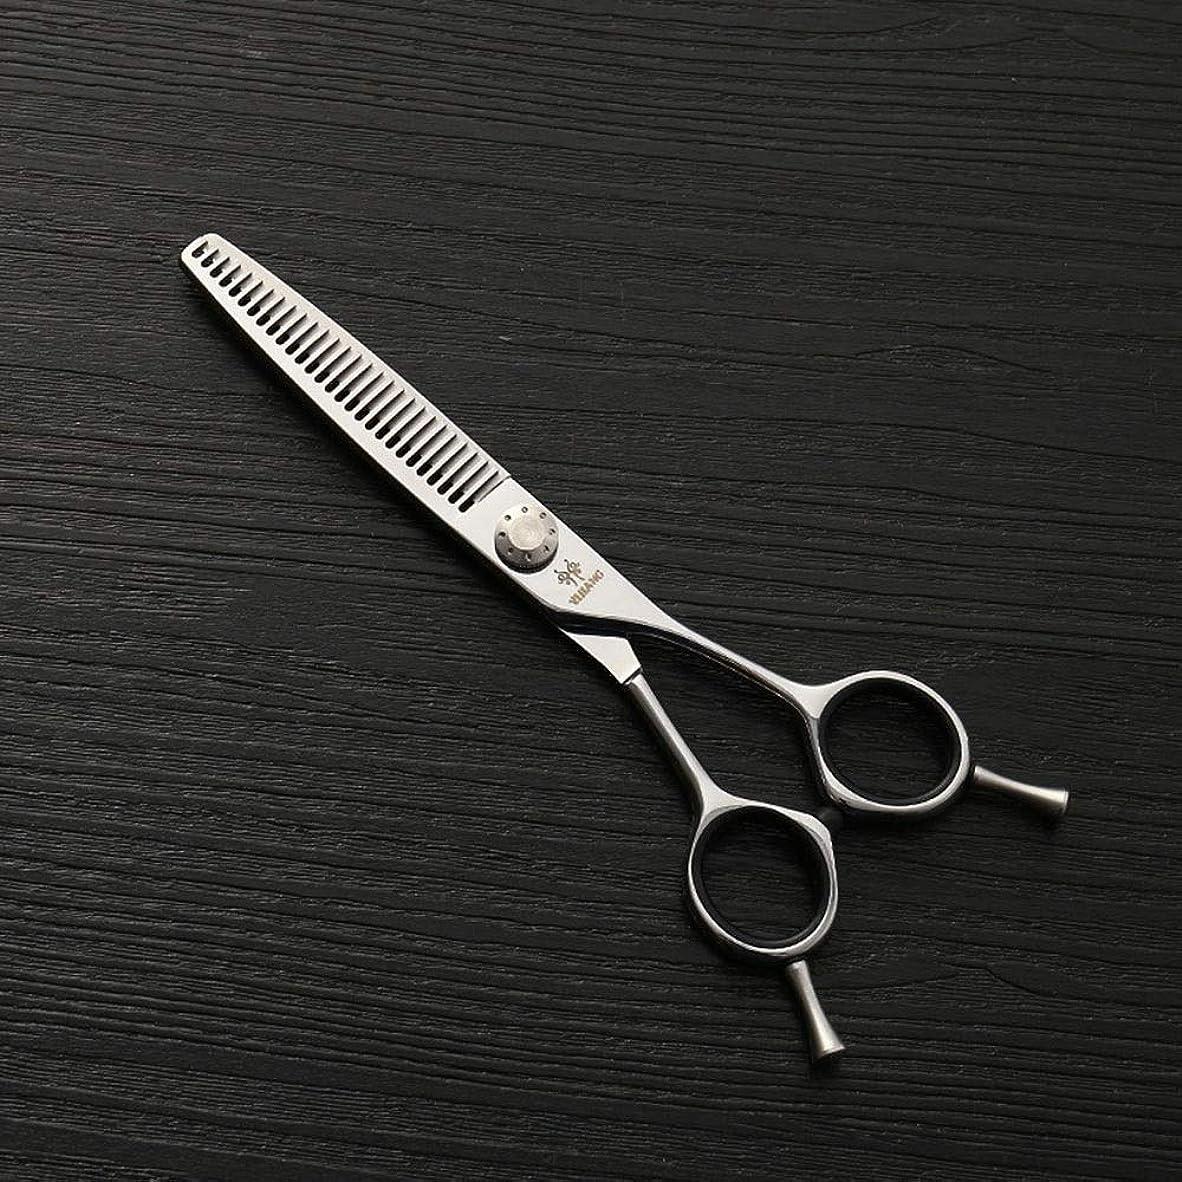 予防接種する神学校グリット6インチの美容院の専門のステンレス鋼の毛の切断用具はさみ、細い歯の切断の魚骨はさみ モデリングツール (色 : Silver)